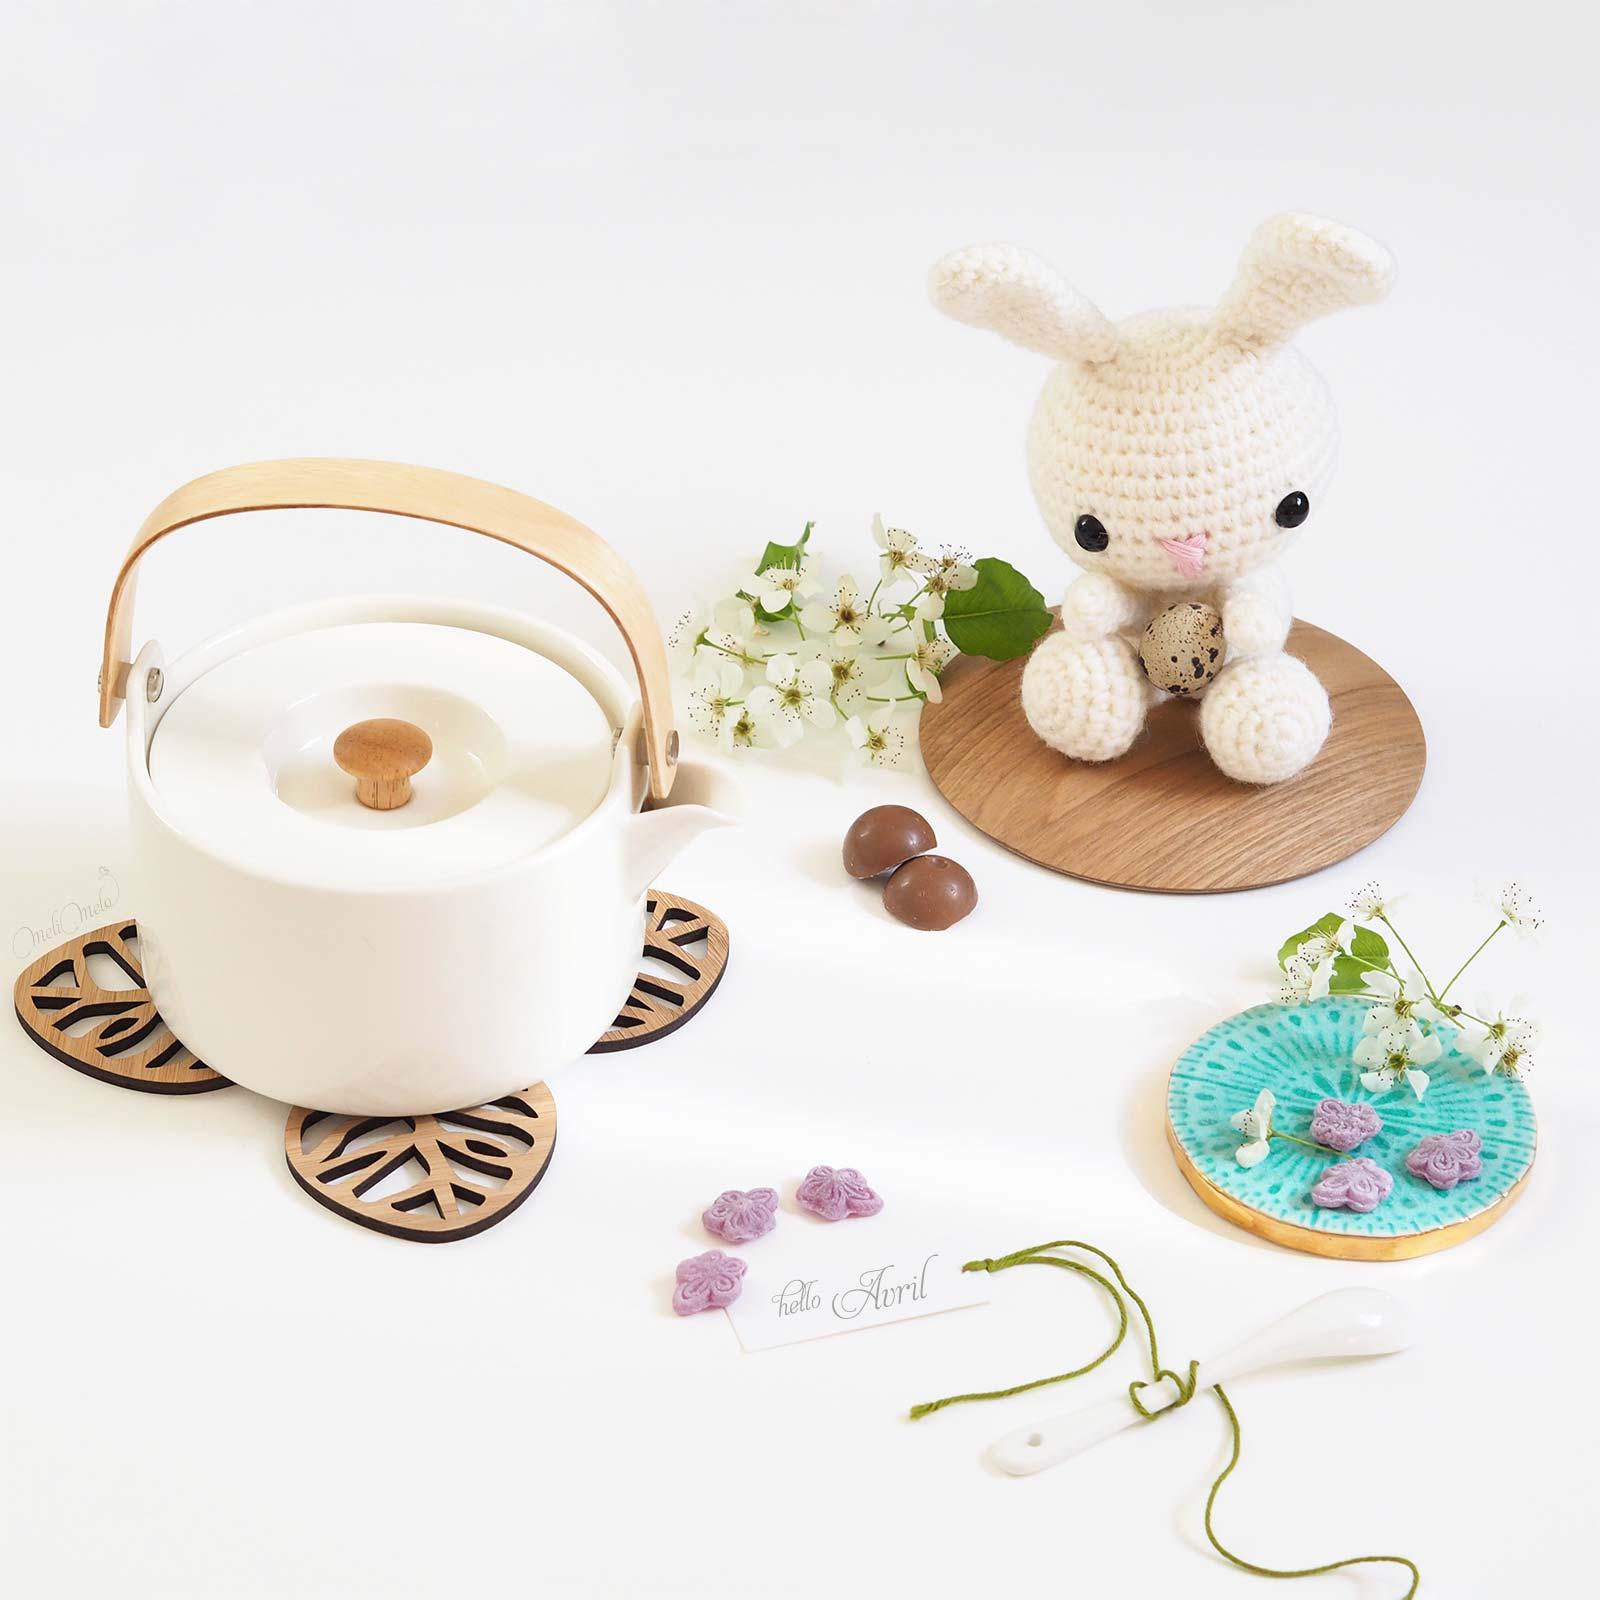 crochet lapin blanc laine alpaca ricodesgn allaboutami pâques laboutiquedemelimelo